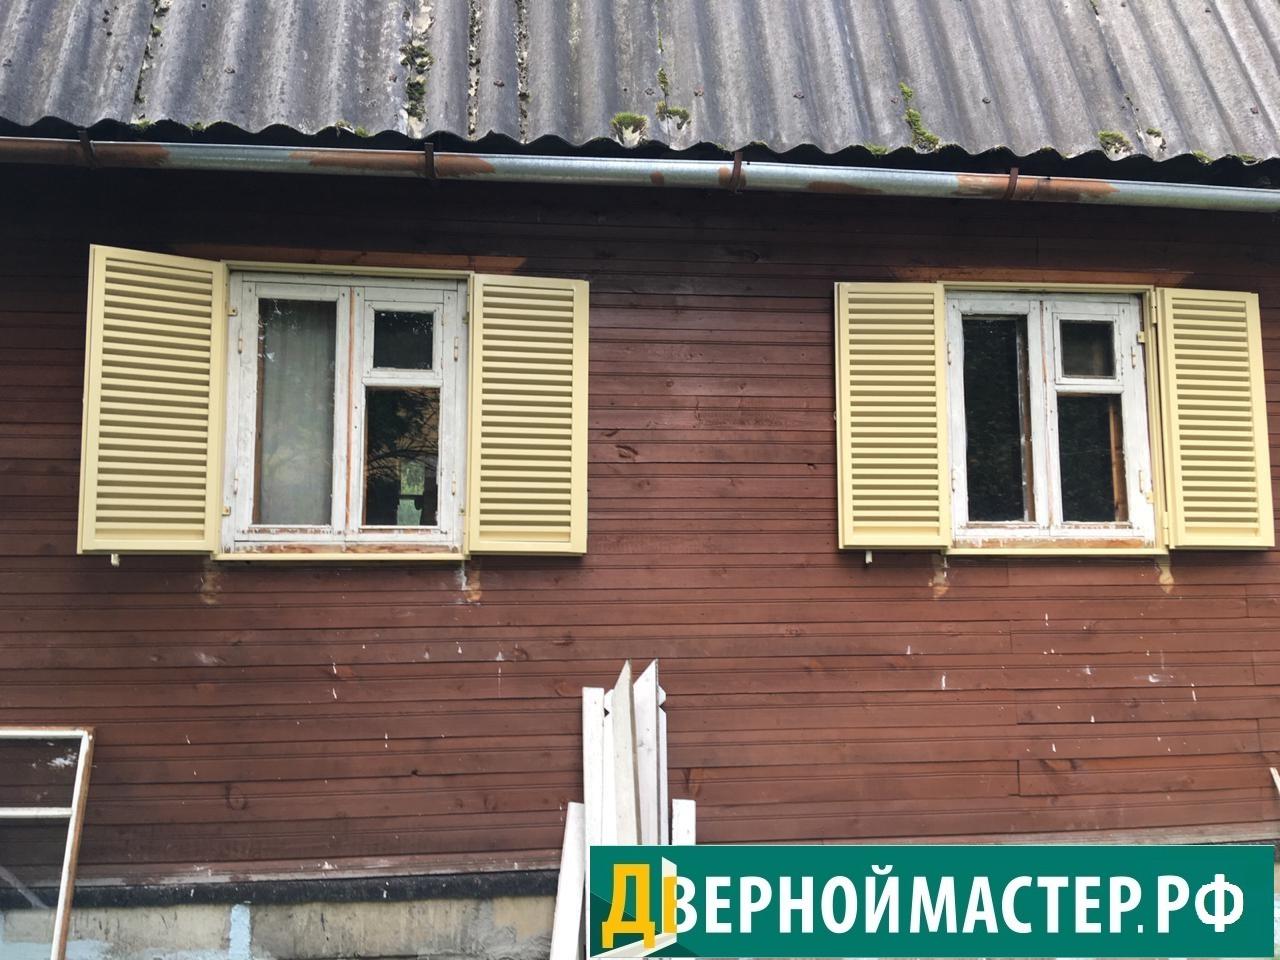 Превосходные ставни на окна металлические двустворчатые заводского качества